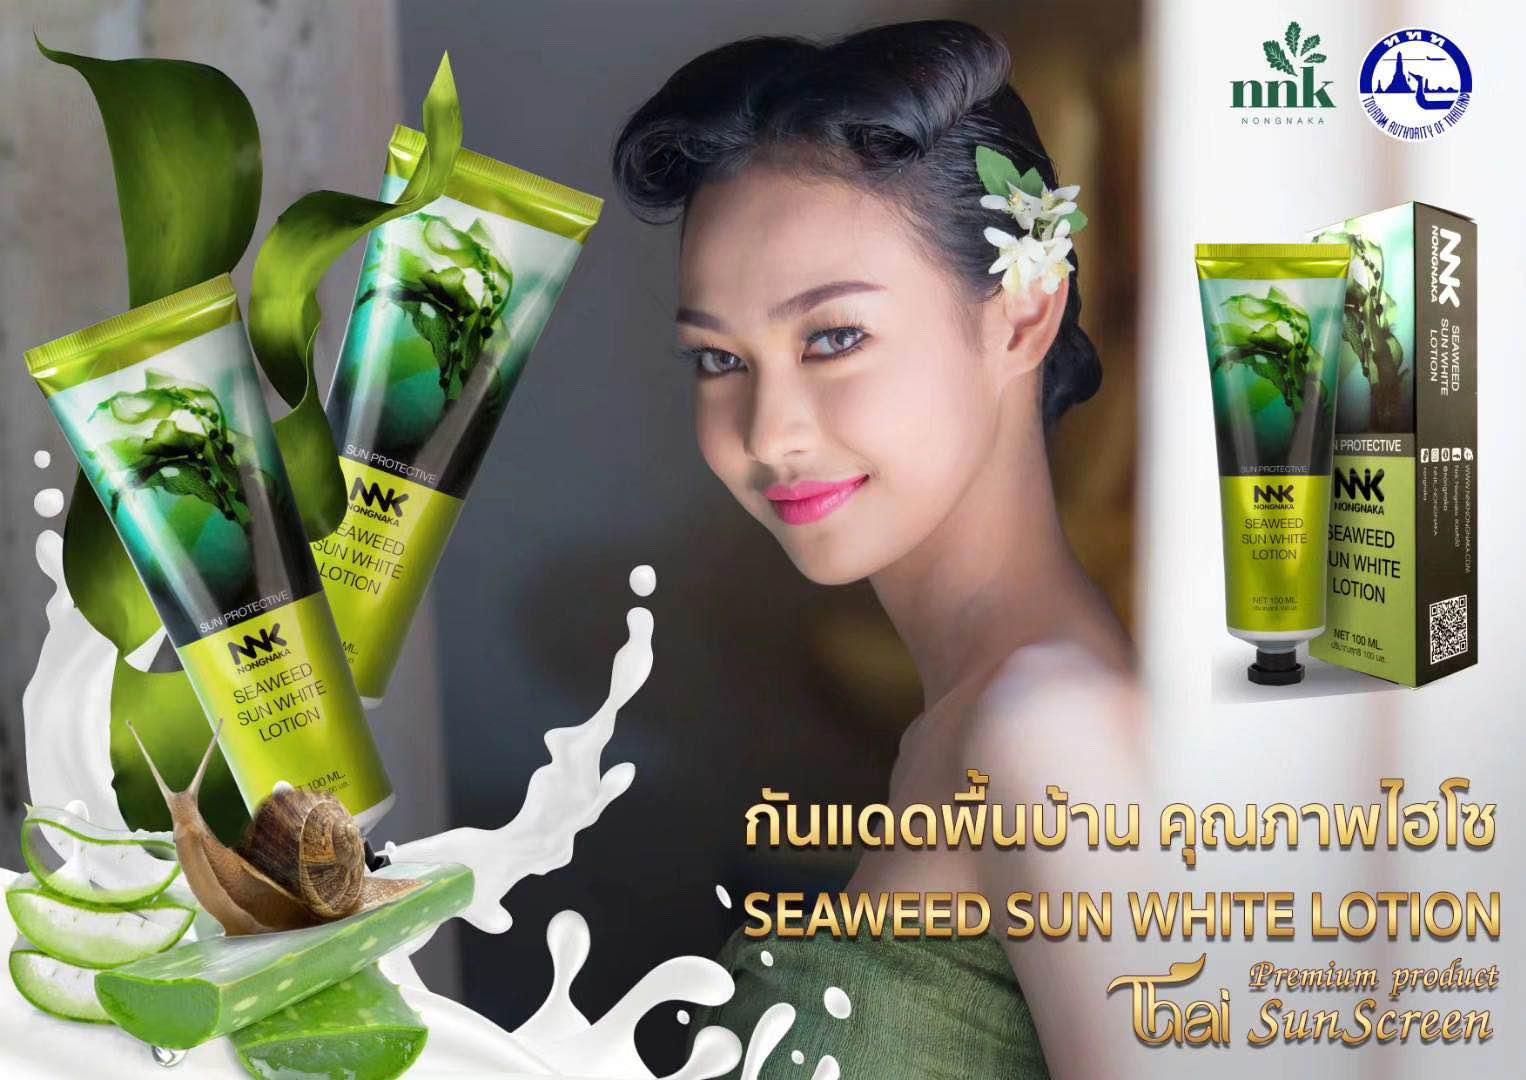 防水面部全身防紫外線學生女 SPF50 海藻防曬霜物理隔離正品 NNK 泰國